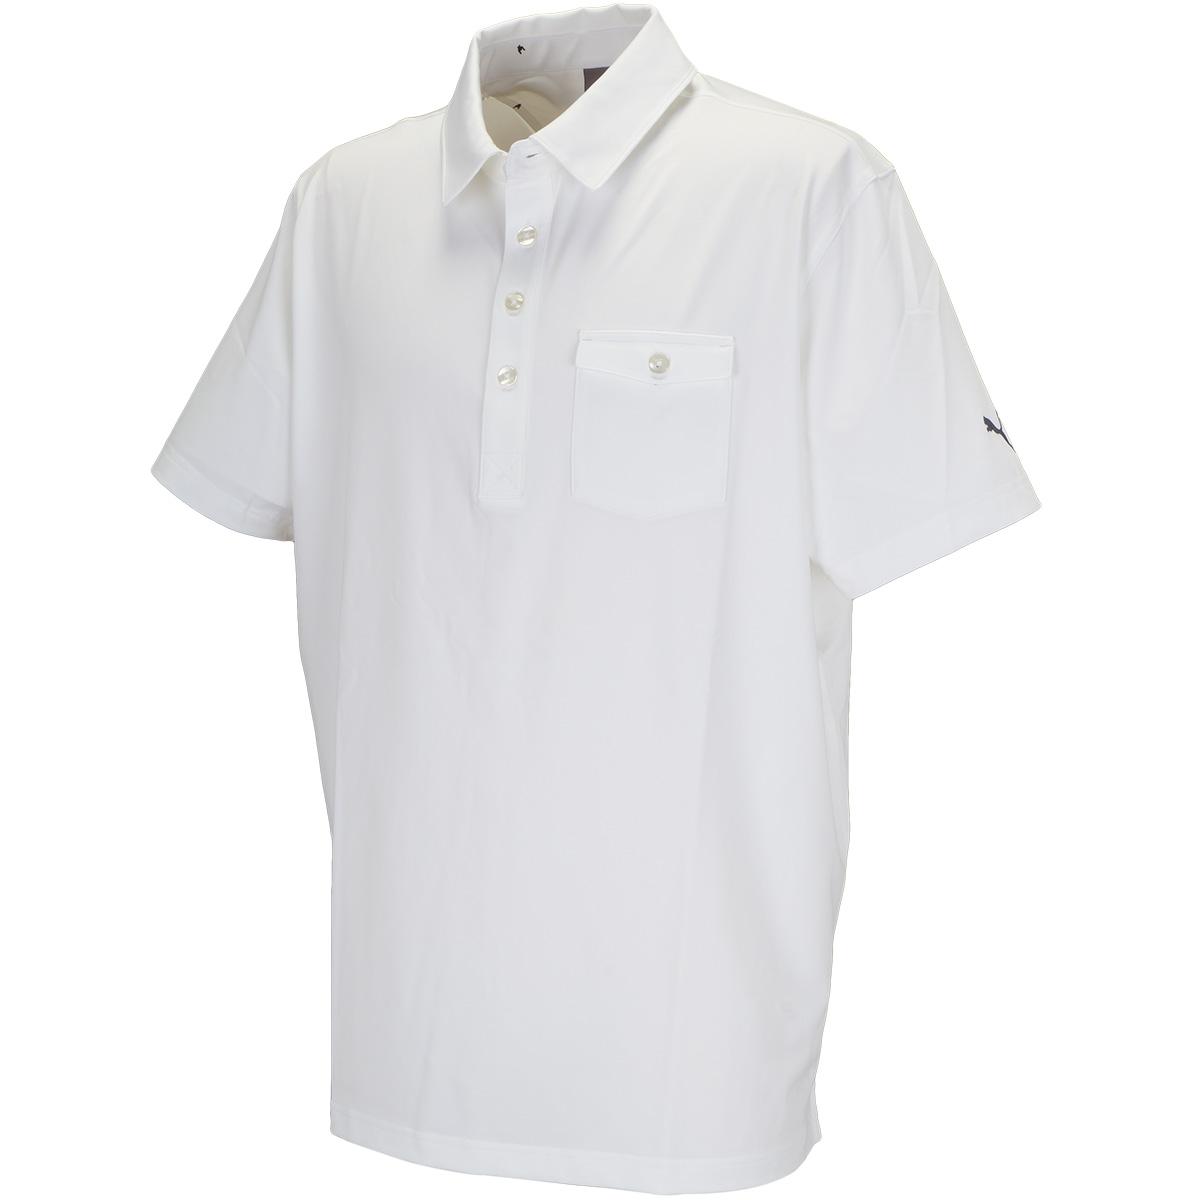 ドニゴール 半袖ポロシャツ